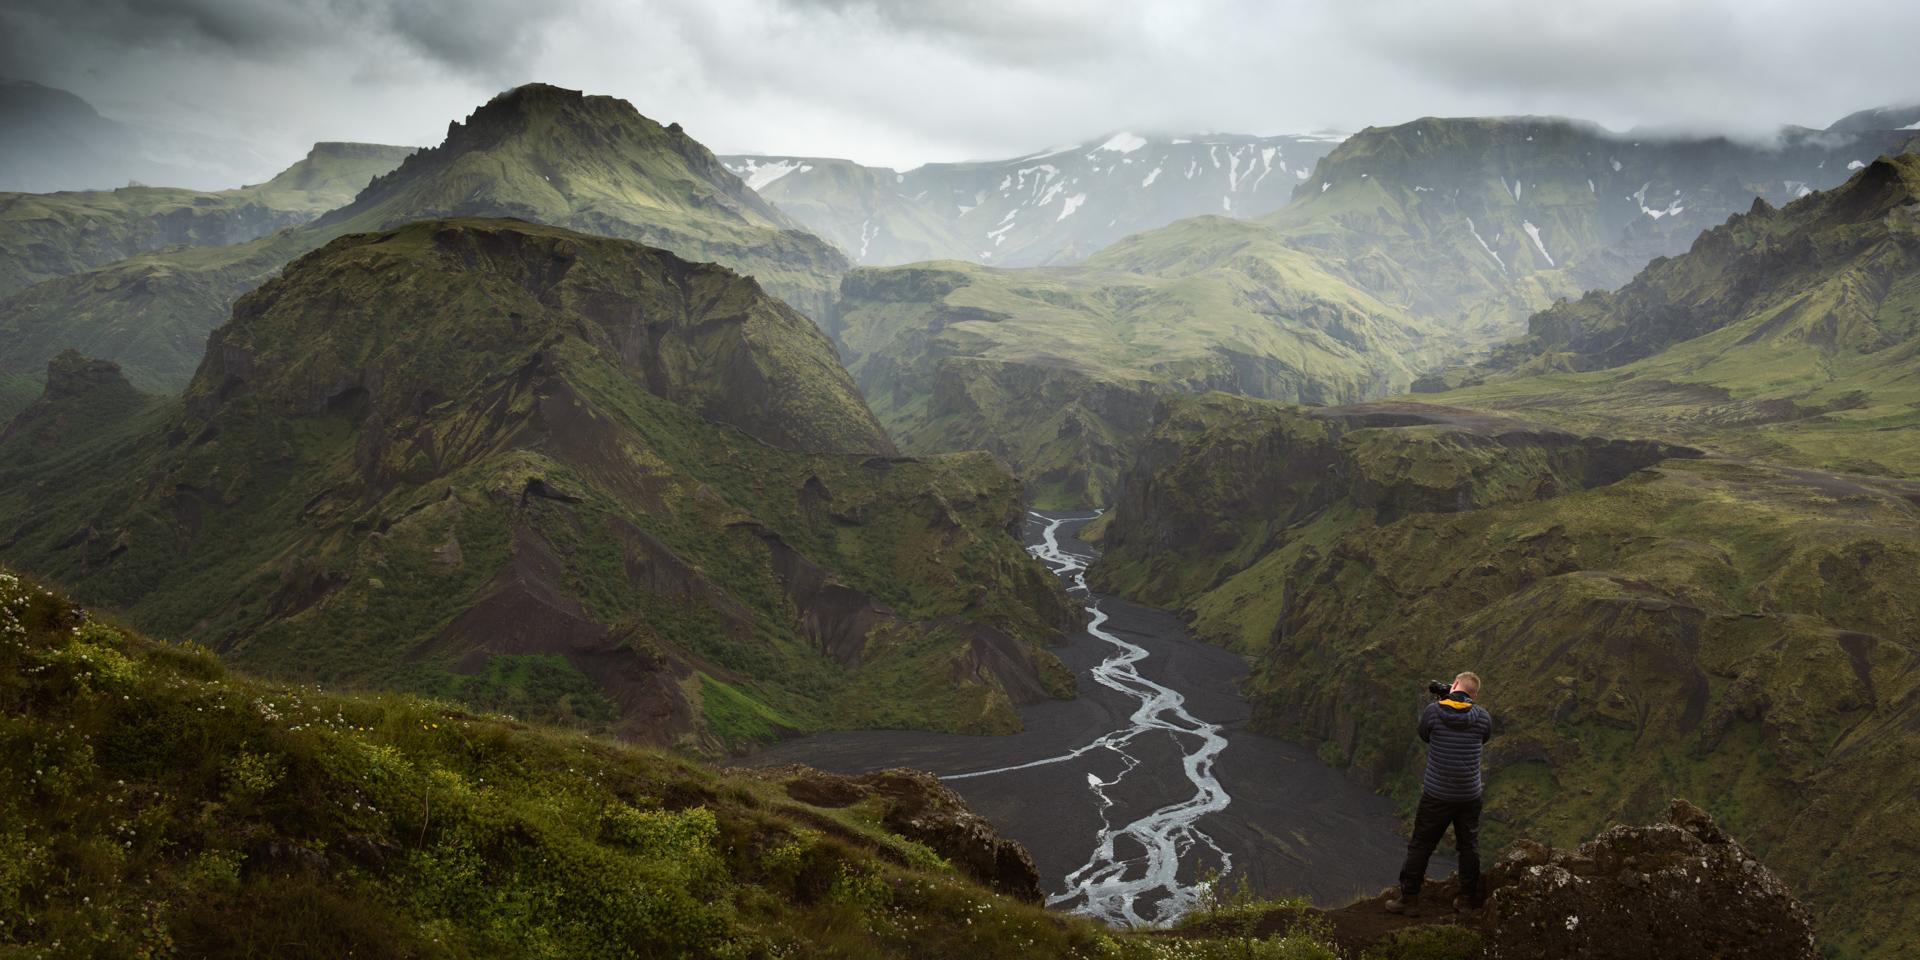 Elliot Hook Landscape Photographer taking photo of icelandic landscape, taken by George Wheelhouse